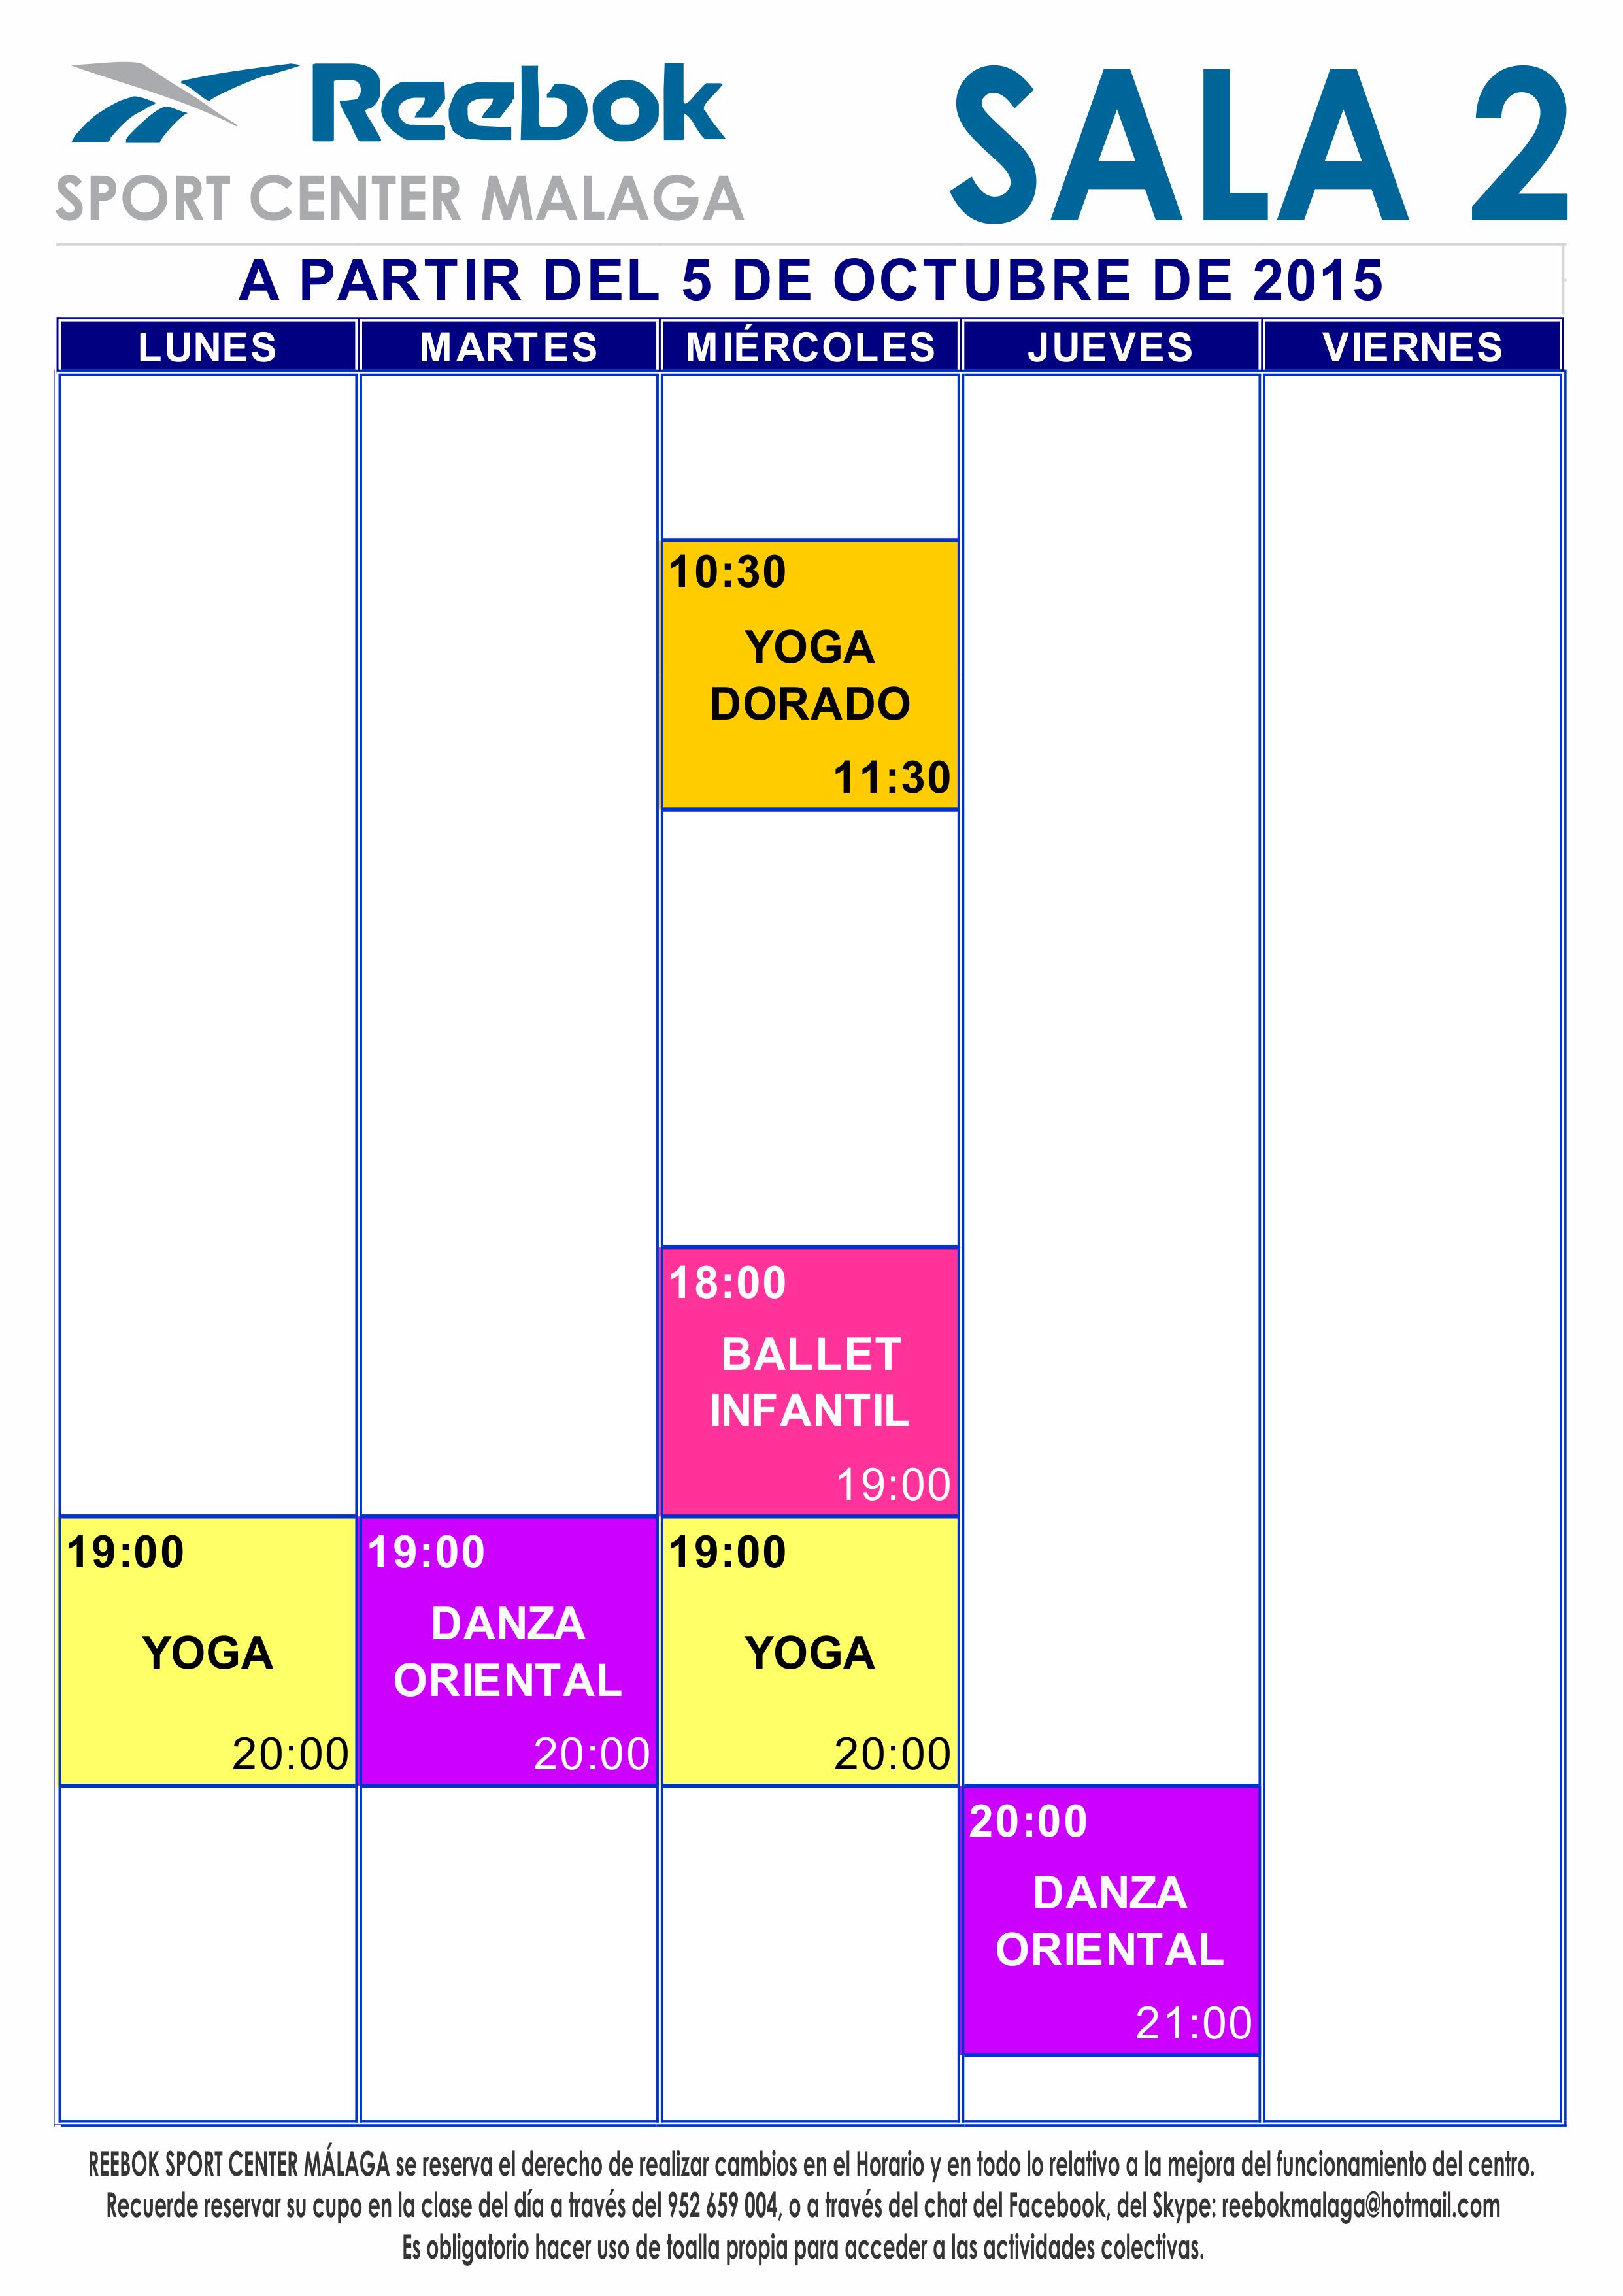 Horario de Actividades de Sala 2. A partir del 5 de Octubre de 2015. La clase de Danza Oriental está suspendida hasta la próxima reincorporación de la profesora. — con Nahid Najla - Danzas Árabes y Fusiones y Ekaterina Grudtsina en Reebok Sport Center Málaga.